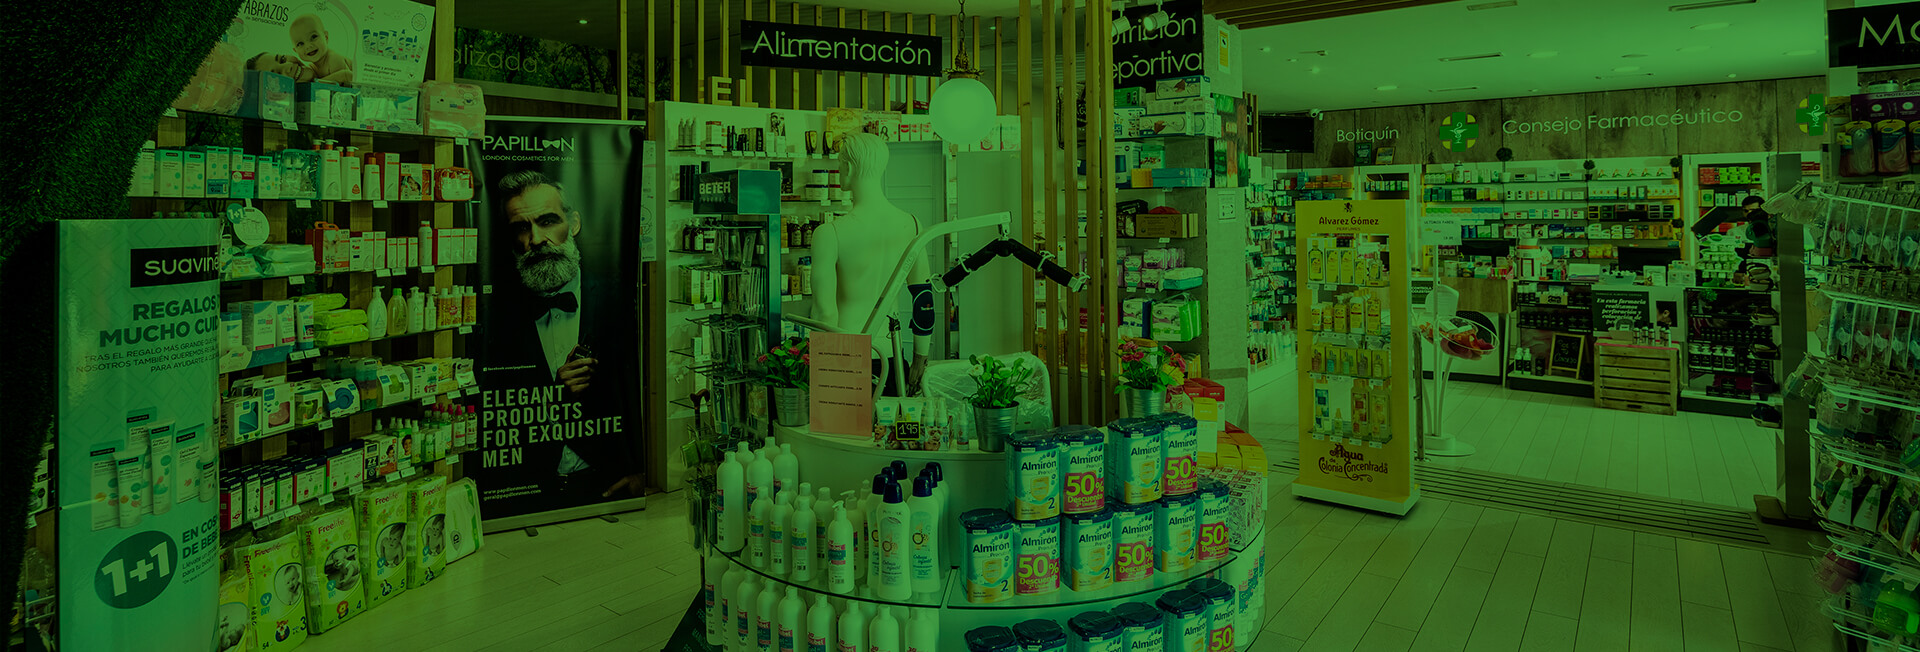 Farmacia Culleredo Cepeda